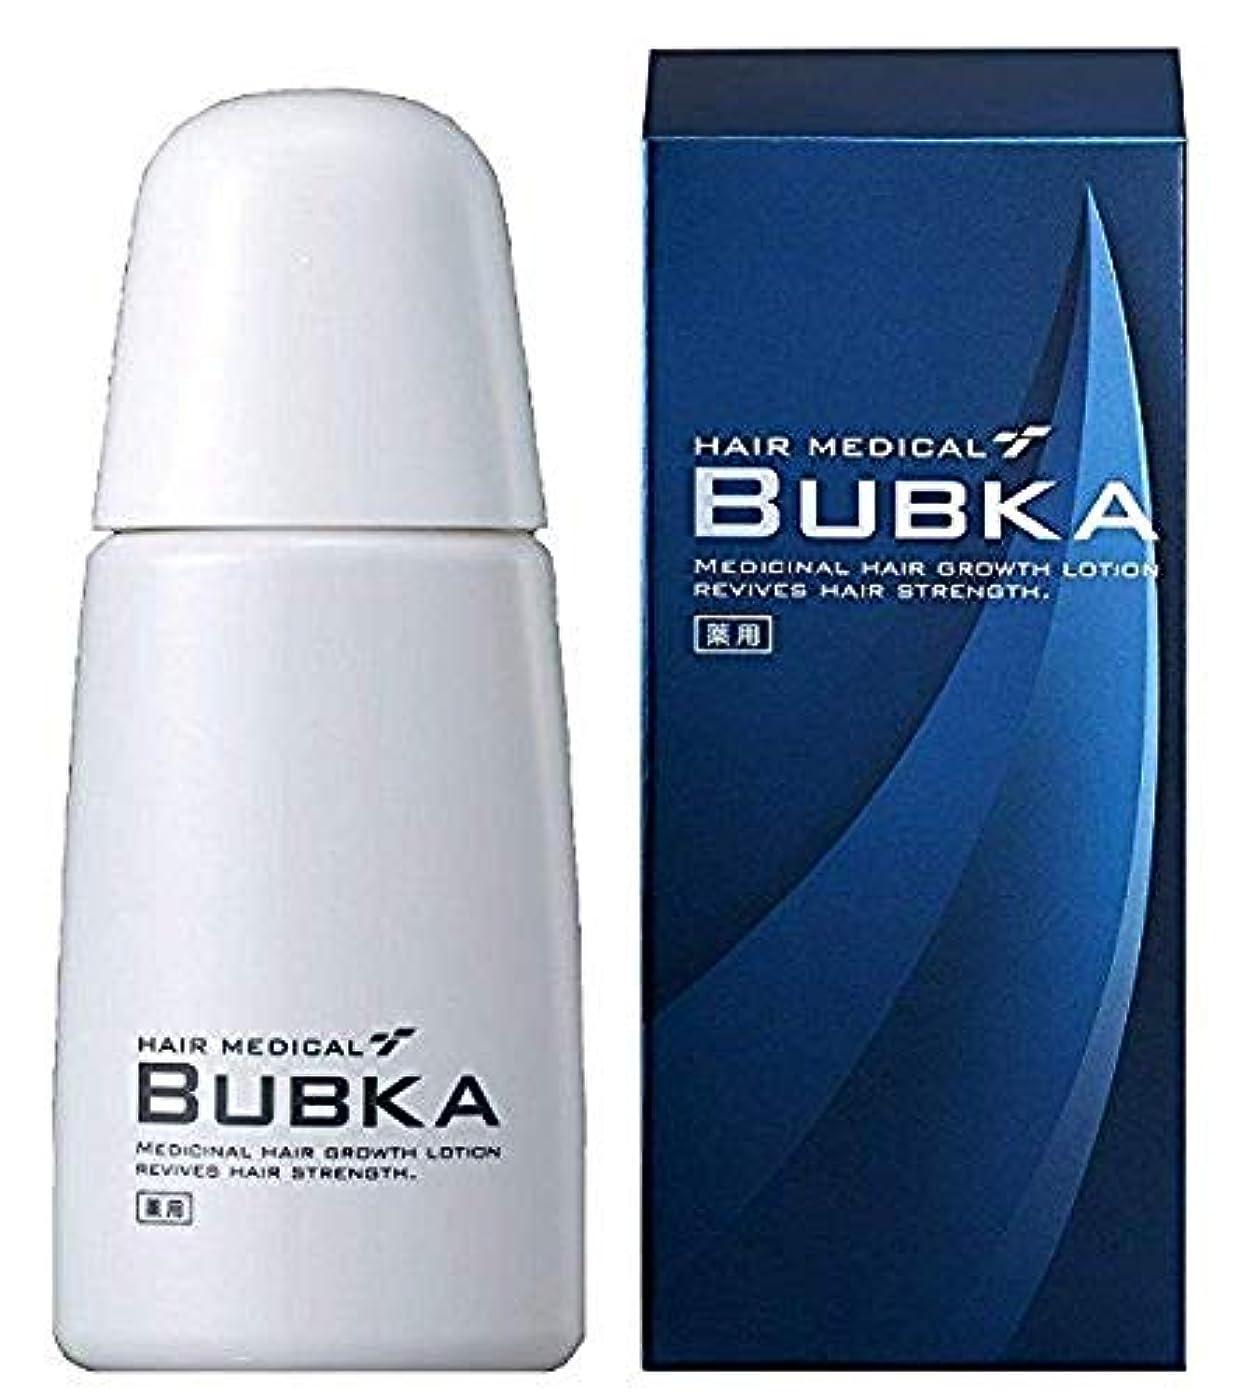 ぴかぴか筋盟主【BUBKA ブブカ 】新型 濃密育毛剤 ブブカ-003M (内容量:120ml 約1ヶ月分)(医薬部外品)